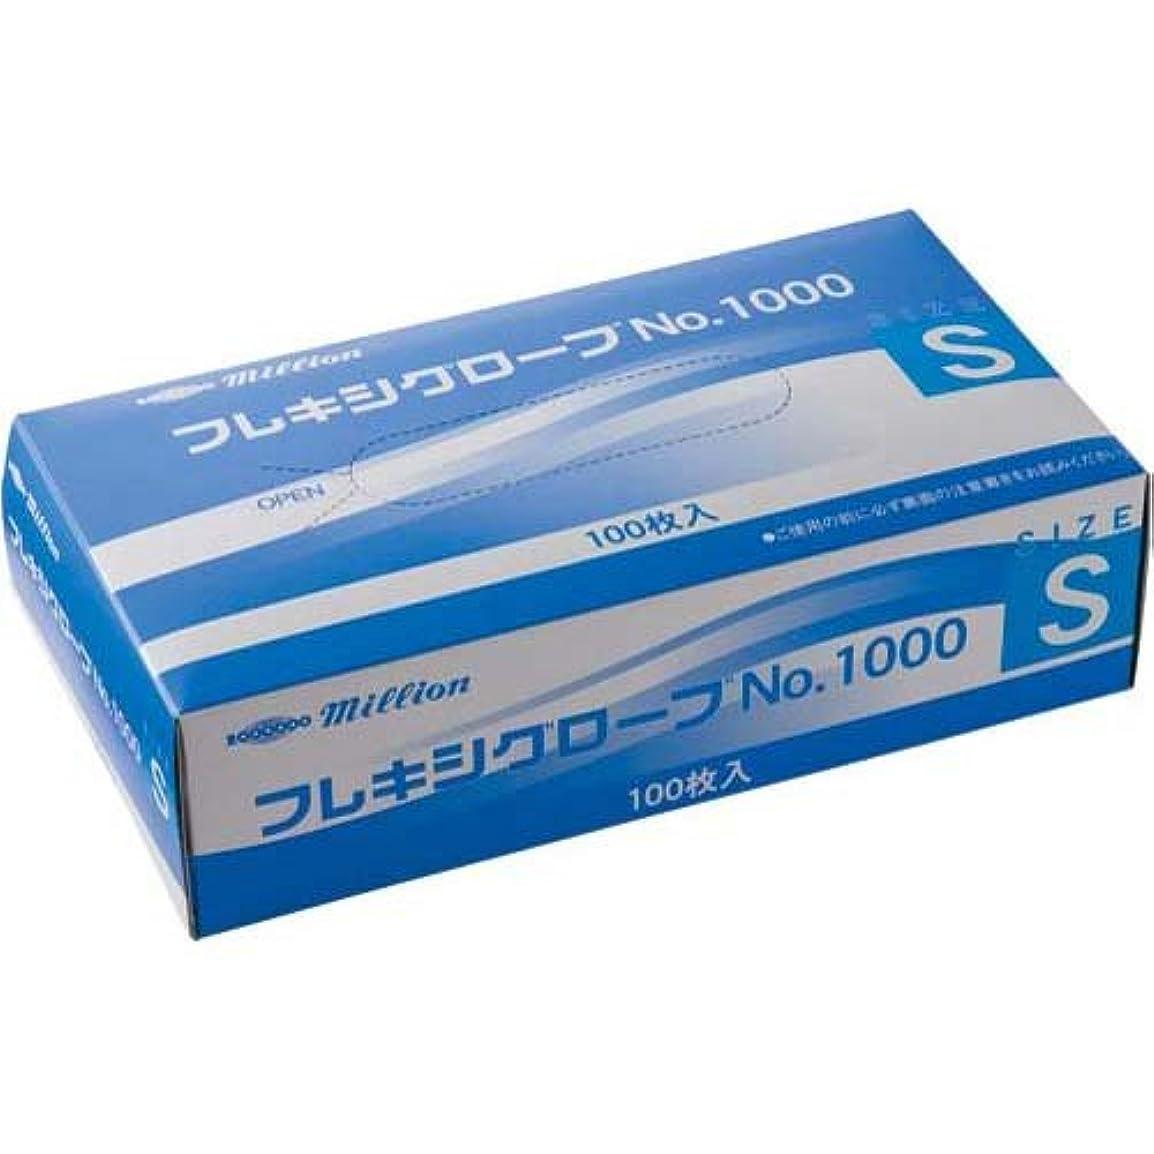 カエル撤回するありがたい共和 プラスチック手袋 粉付 No.1000 S 10箱